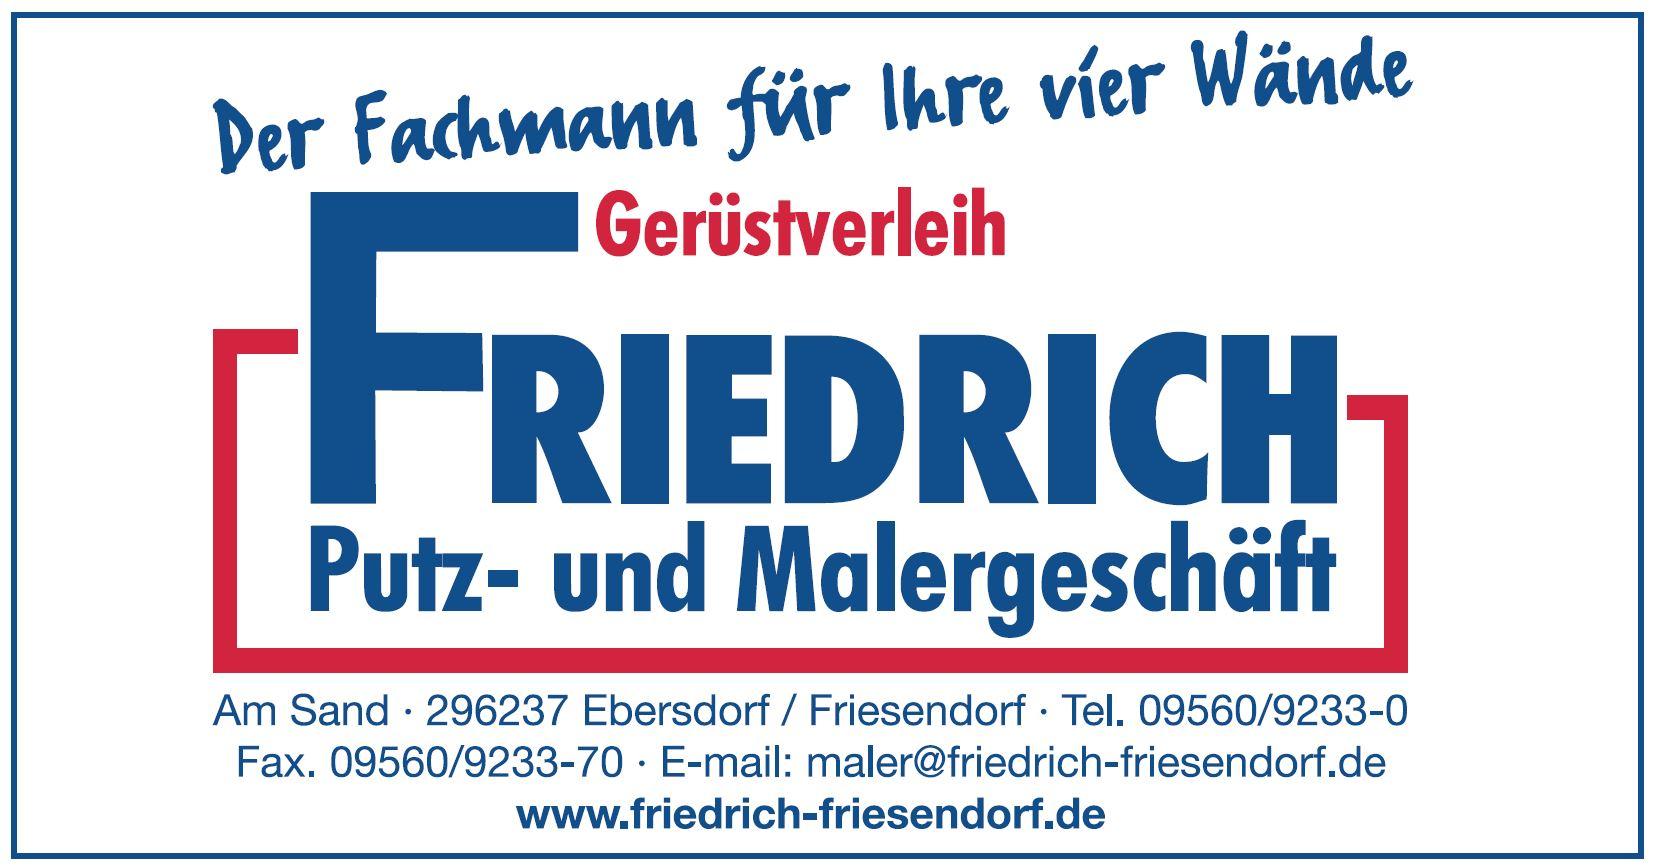 Gerüstverleih Friedrich